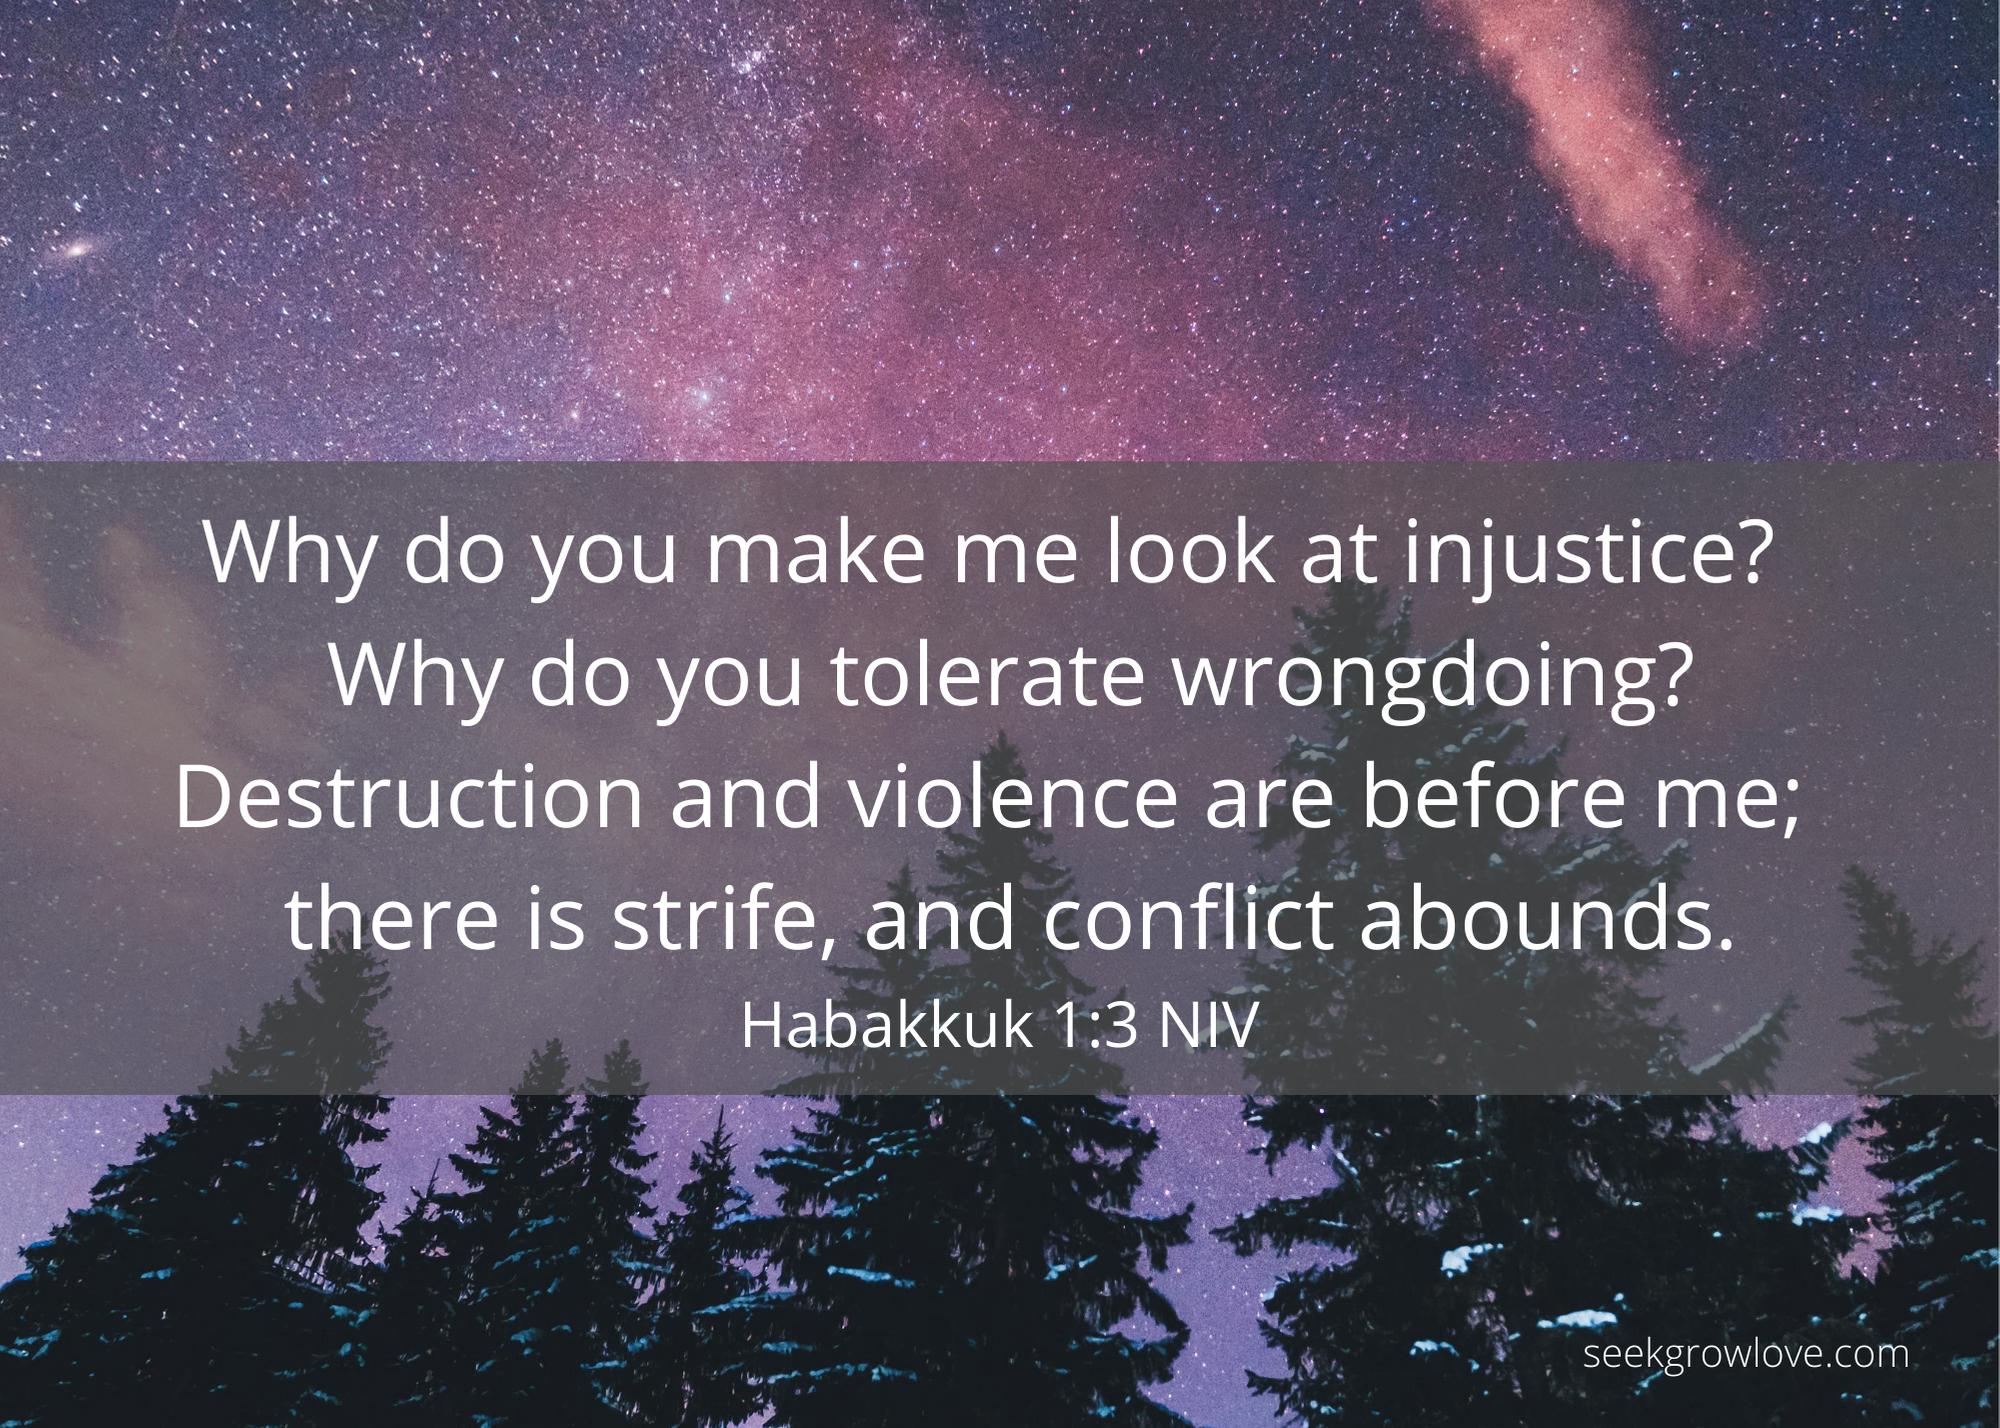 Habakkuk 1 3 NIV sgl